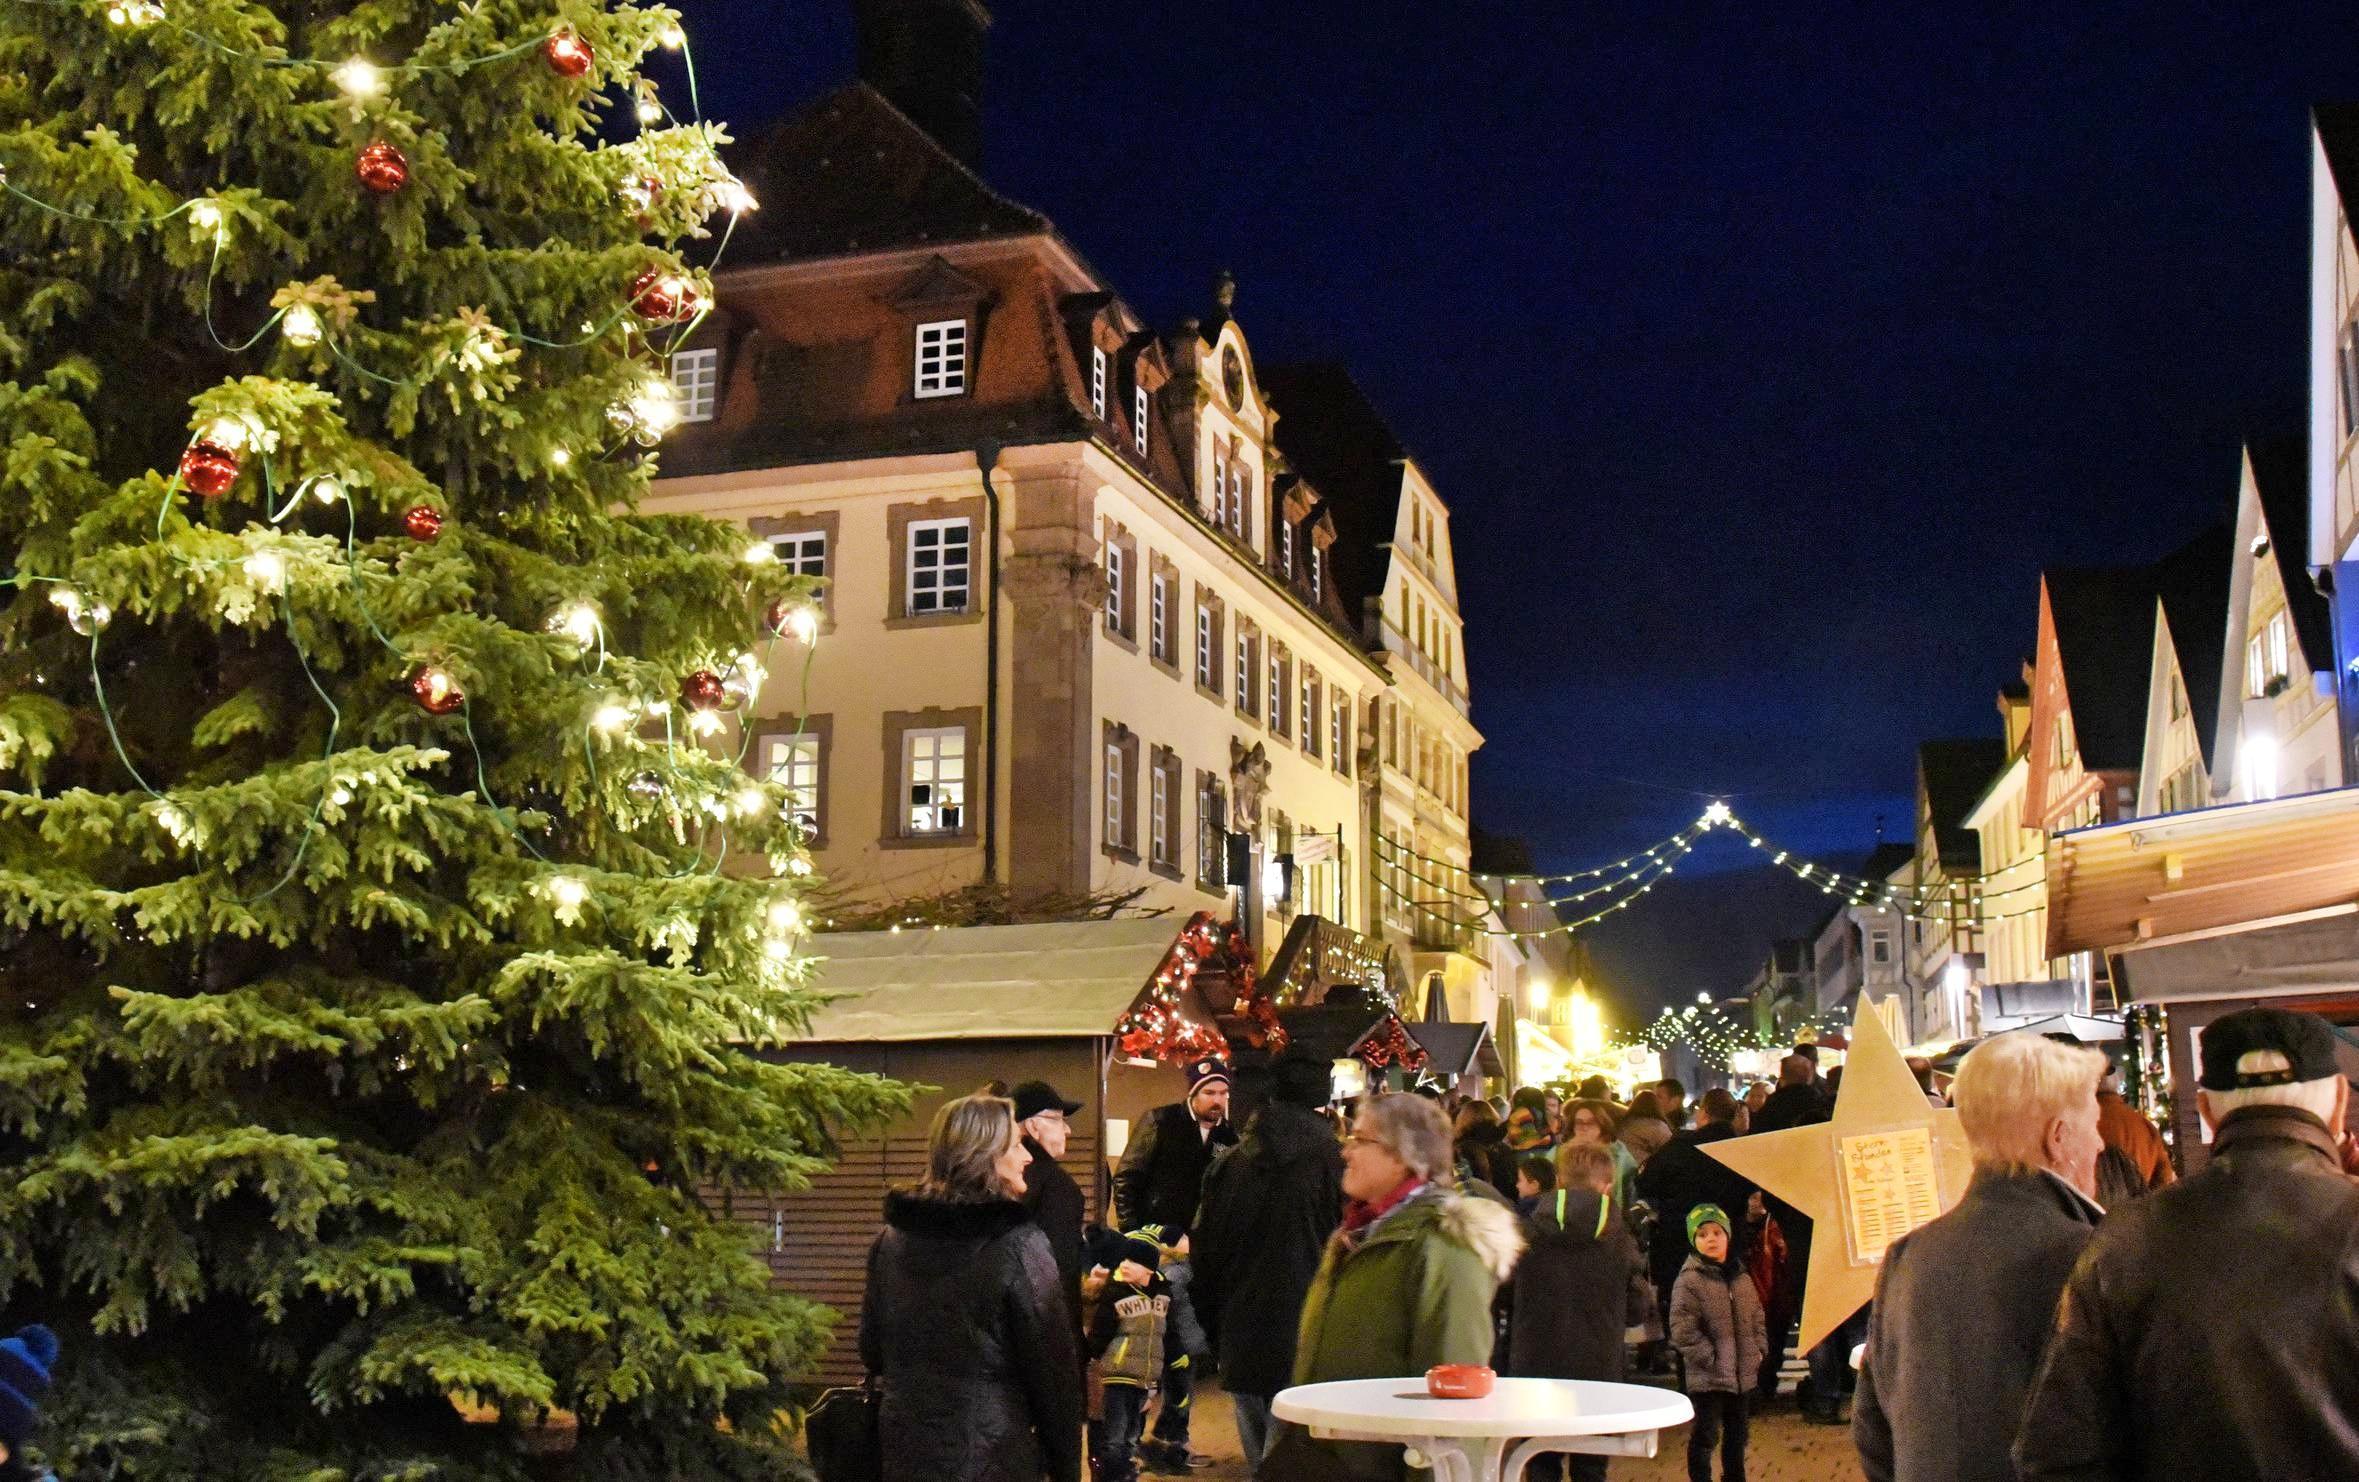 In Neckarsulm können die Besucher am ersten Adventswochenende wieder Adventszauber in der Innenstadt erleben. Neben einem vorweihnachtlichen Programm gibt es auch viele Geschenkideen. Foto: Karl-Heinz Leitz